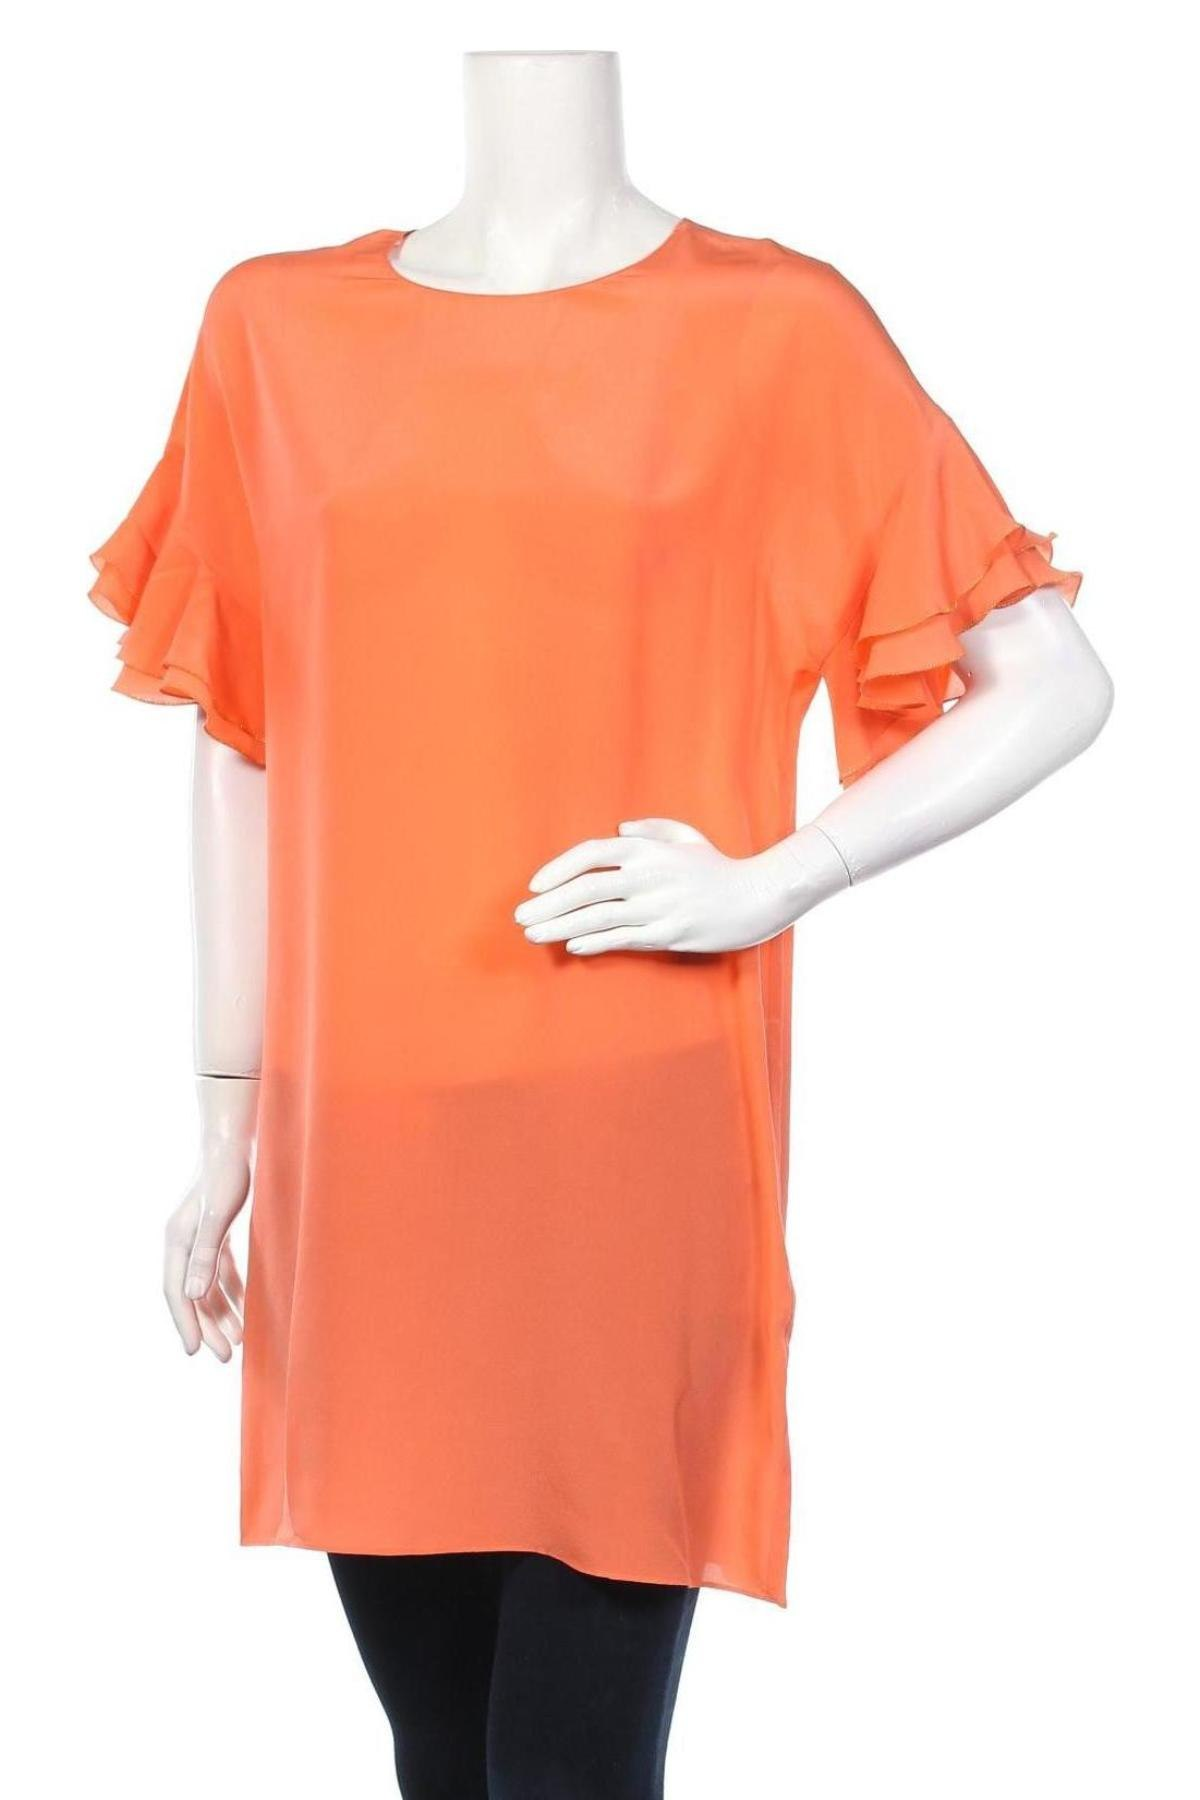 Τουνίκ TWINSET, Μέγεθος S, Χρώμα Πορτοκαλί, Μετάξι, Τιμή 66,56€